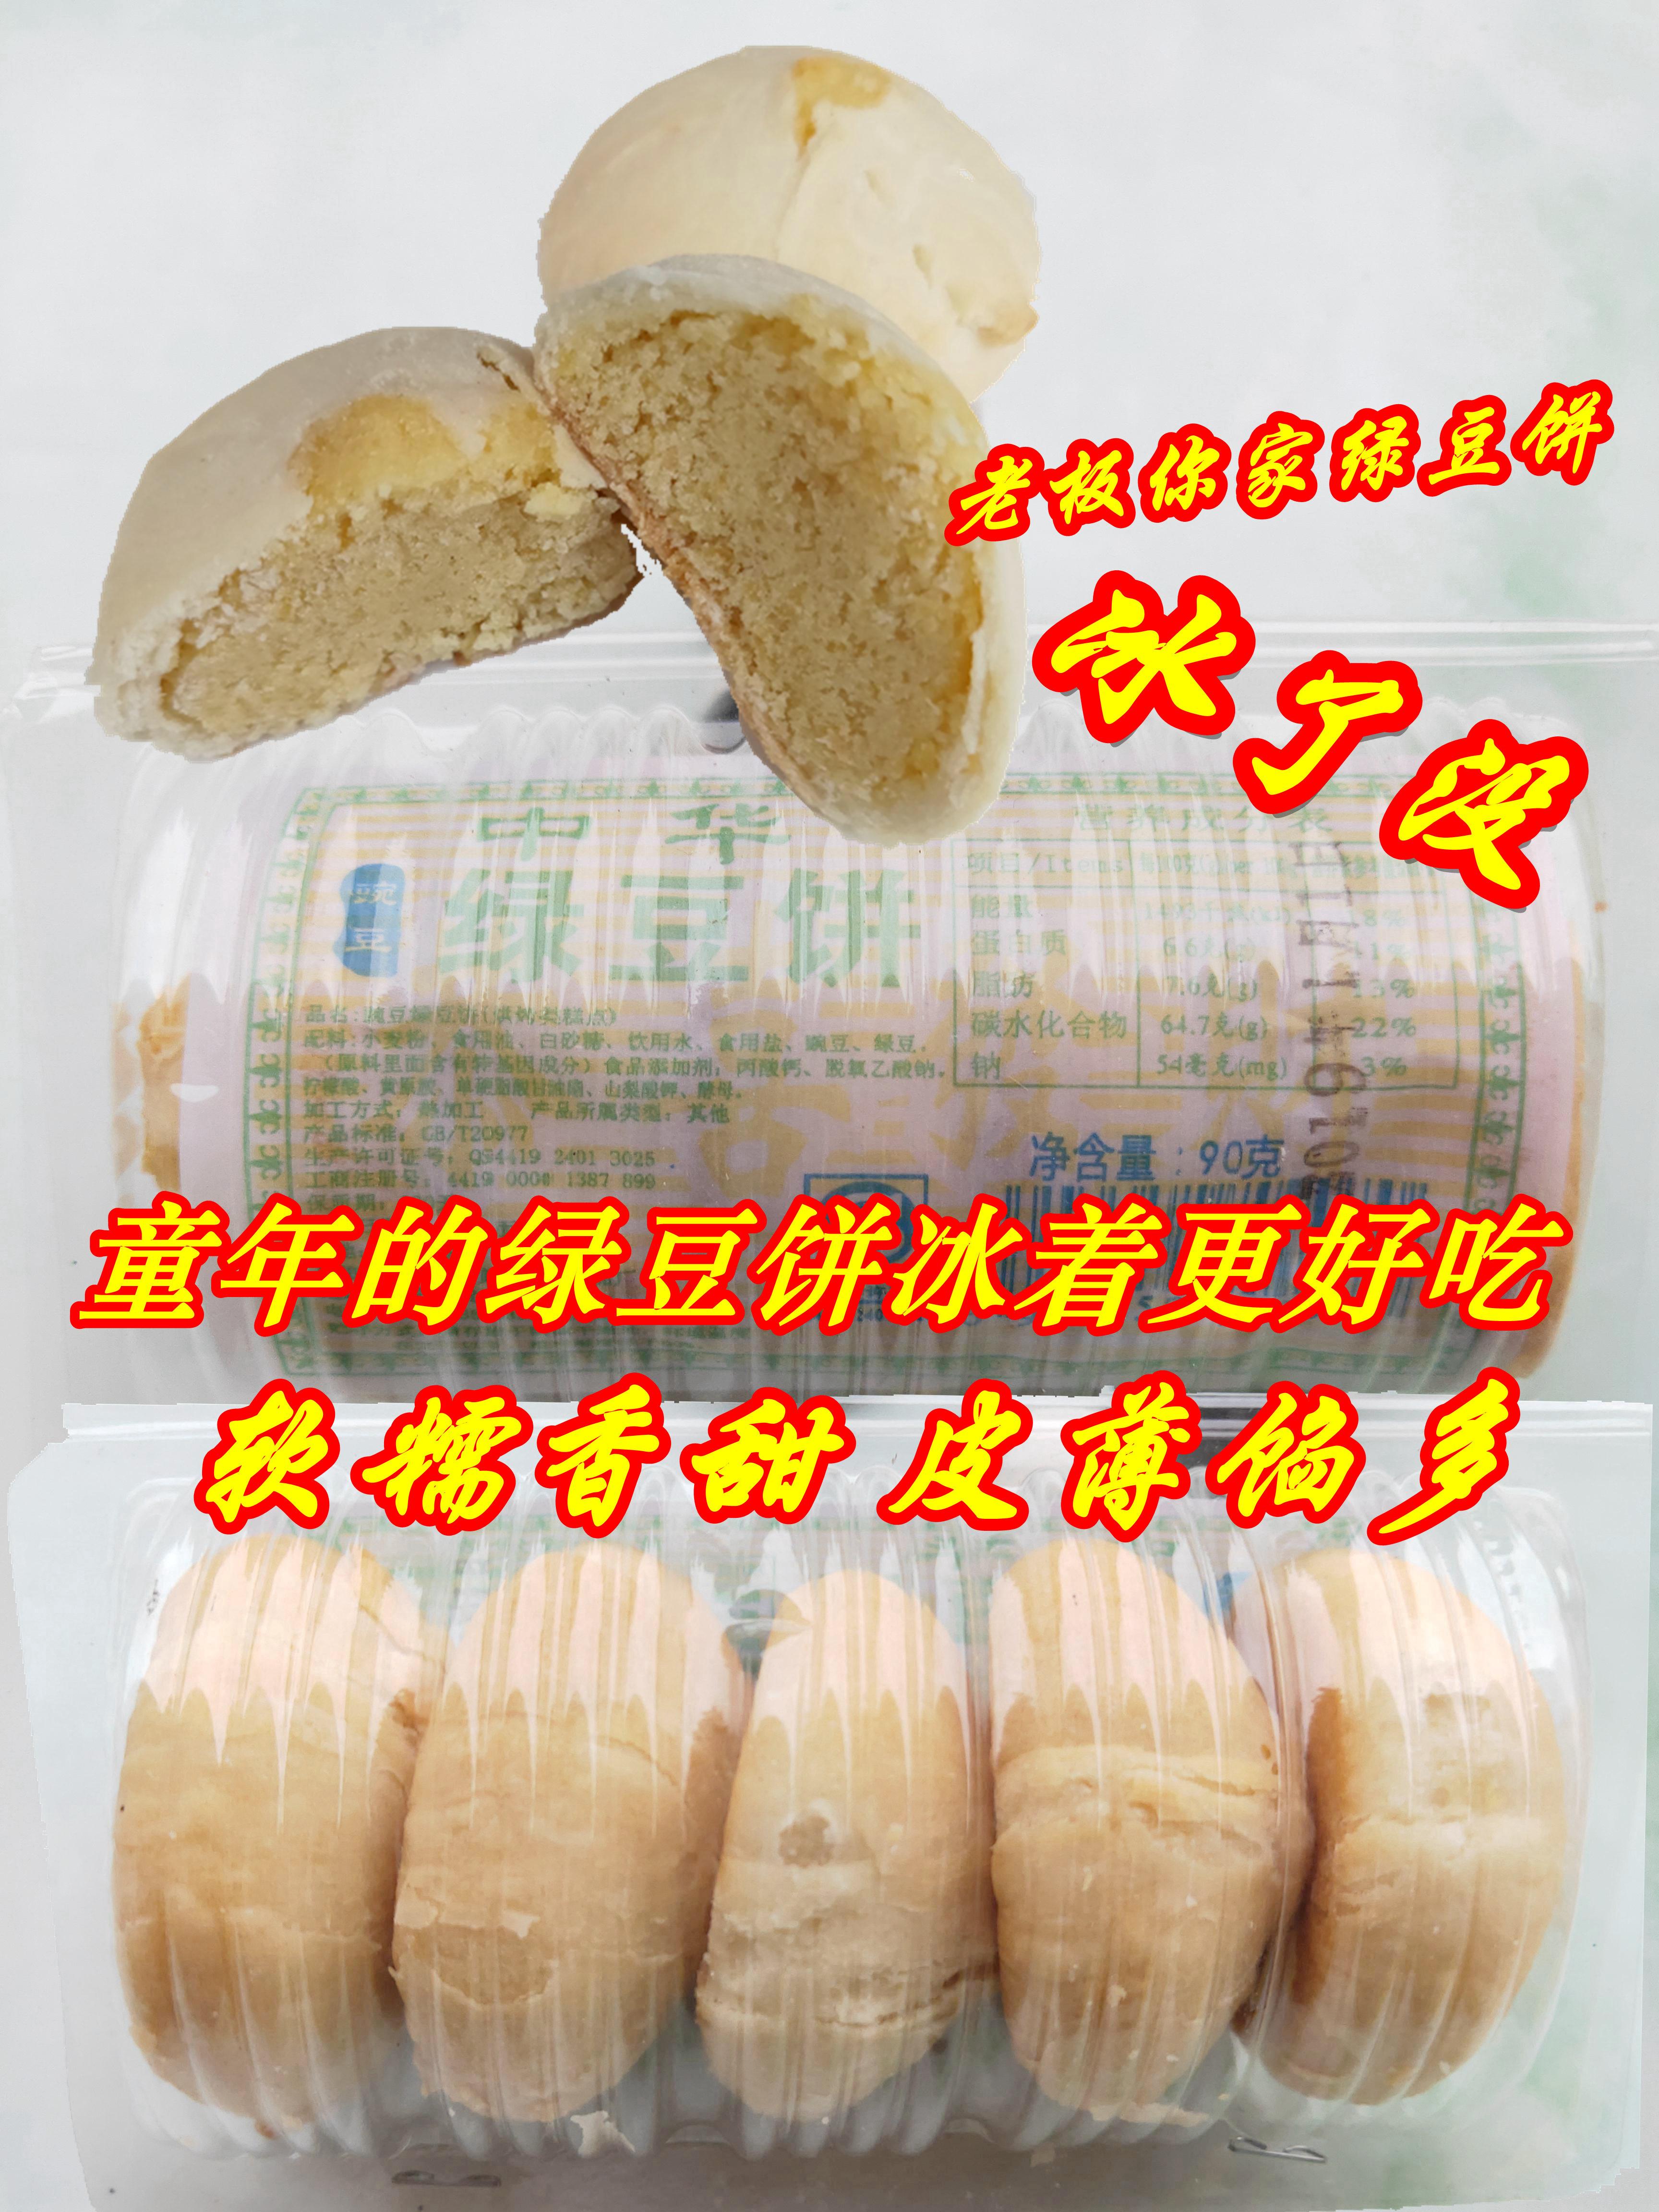 广东特产小吃老式冰绿豆饼传统点心零食散装新品好吃的糕点类食品